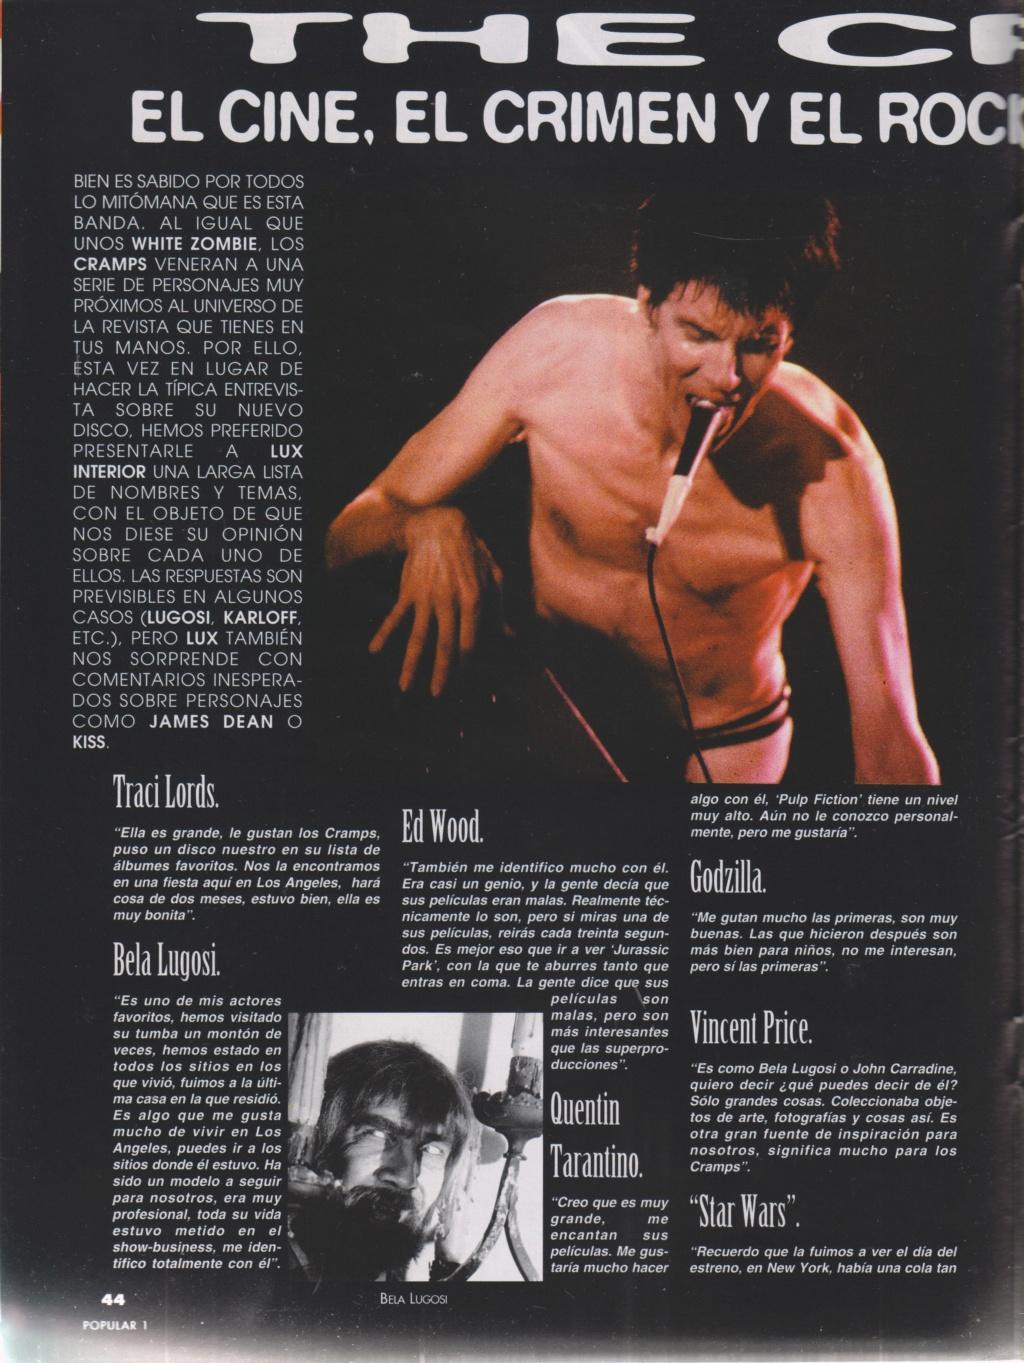 ¿NO HAY POPULAR1 EN ABRIL? - Página 2 Esczen19